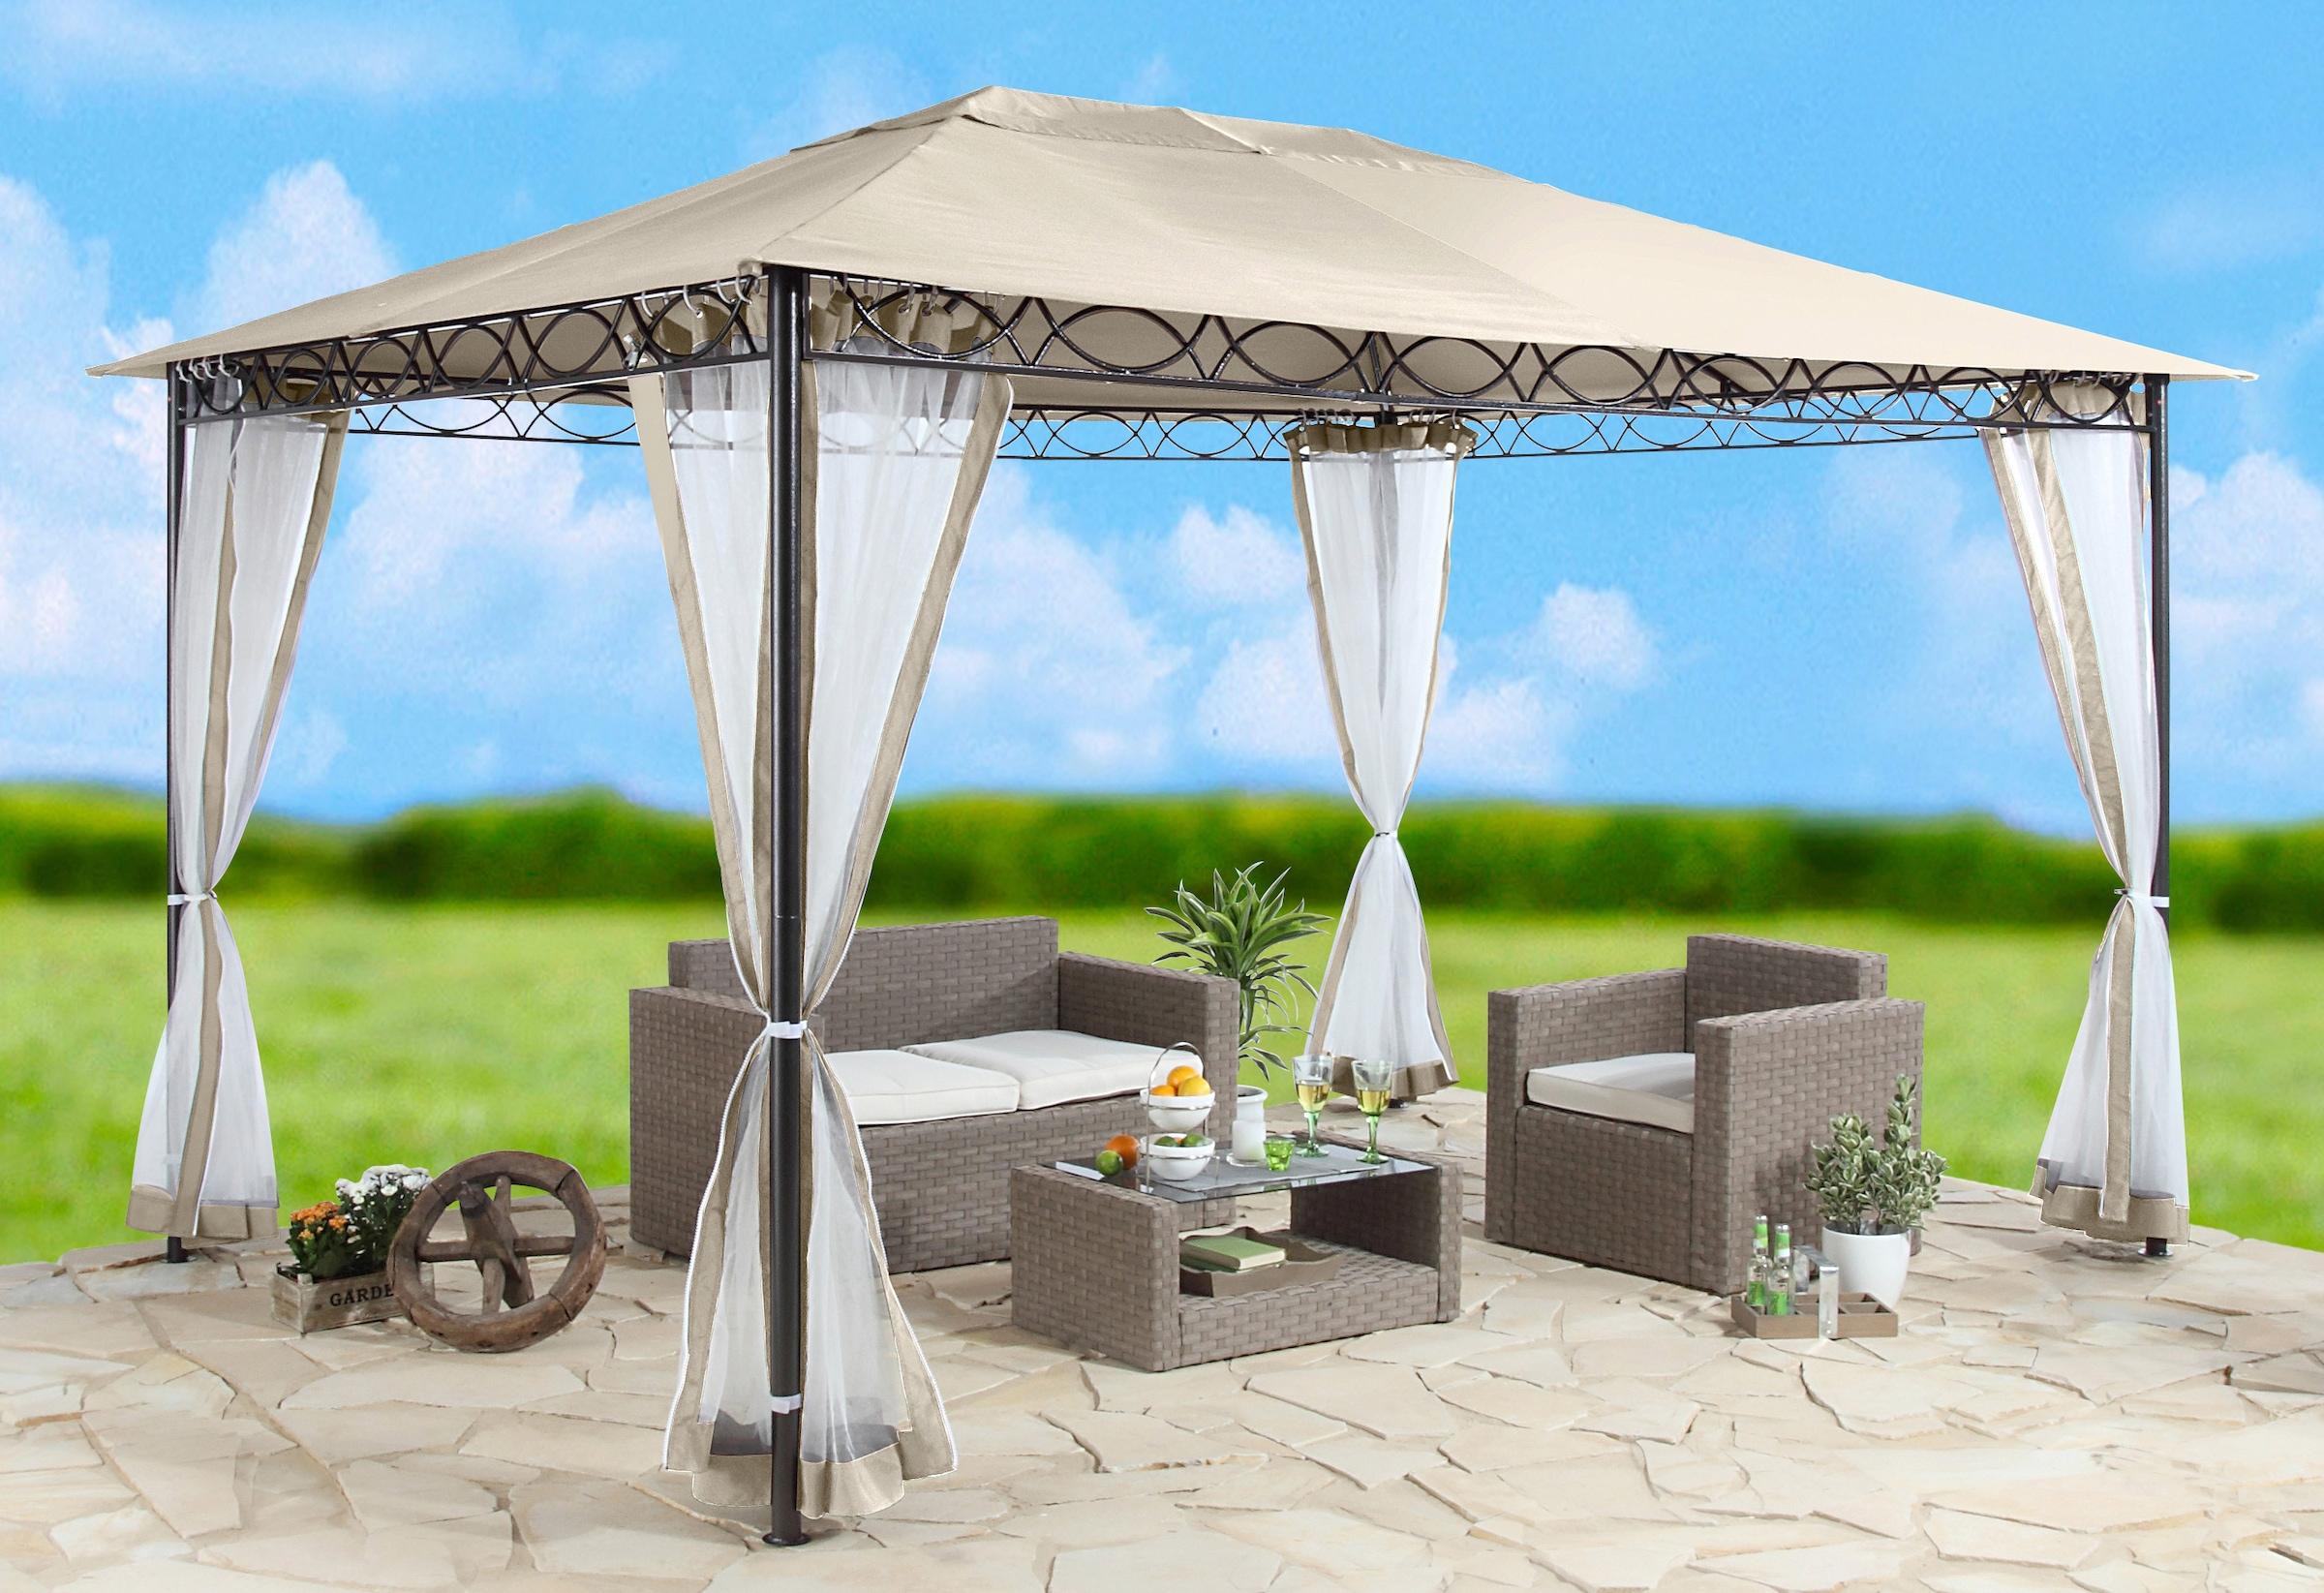 pavillon 3x4 mit seitenteile und moskitonetz pavillon seitenteile pavillon seitenw nde kaufen. Black Bedroom Furniture Sets. Home Design Ideas